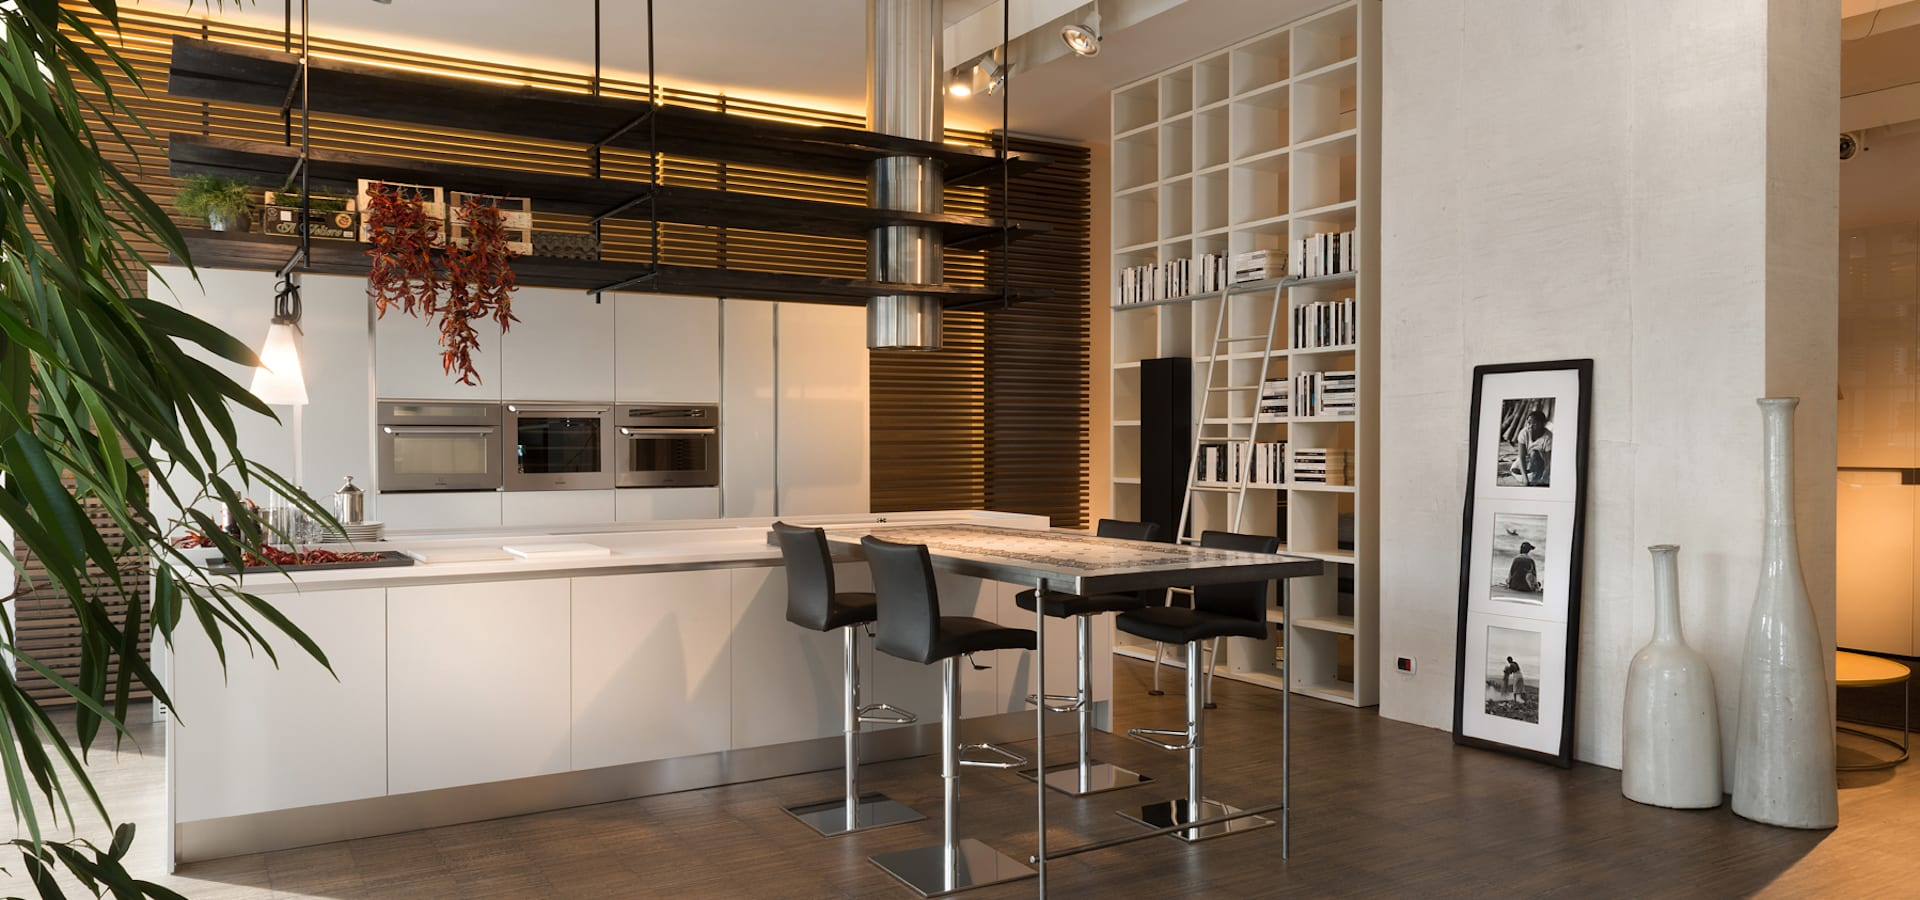 Accessori Interni Per Mobili Cucina - Idee Per La Casa - Phxated.com